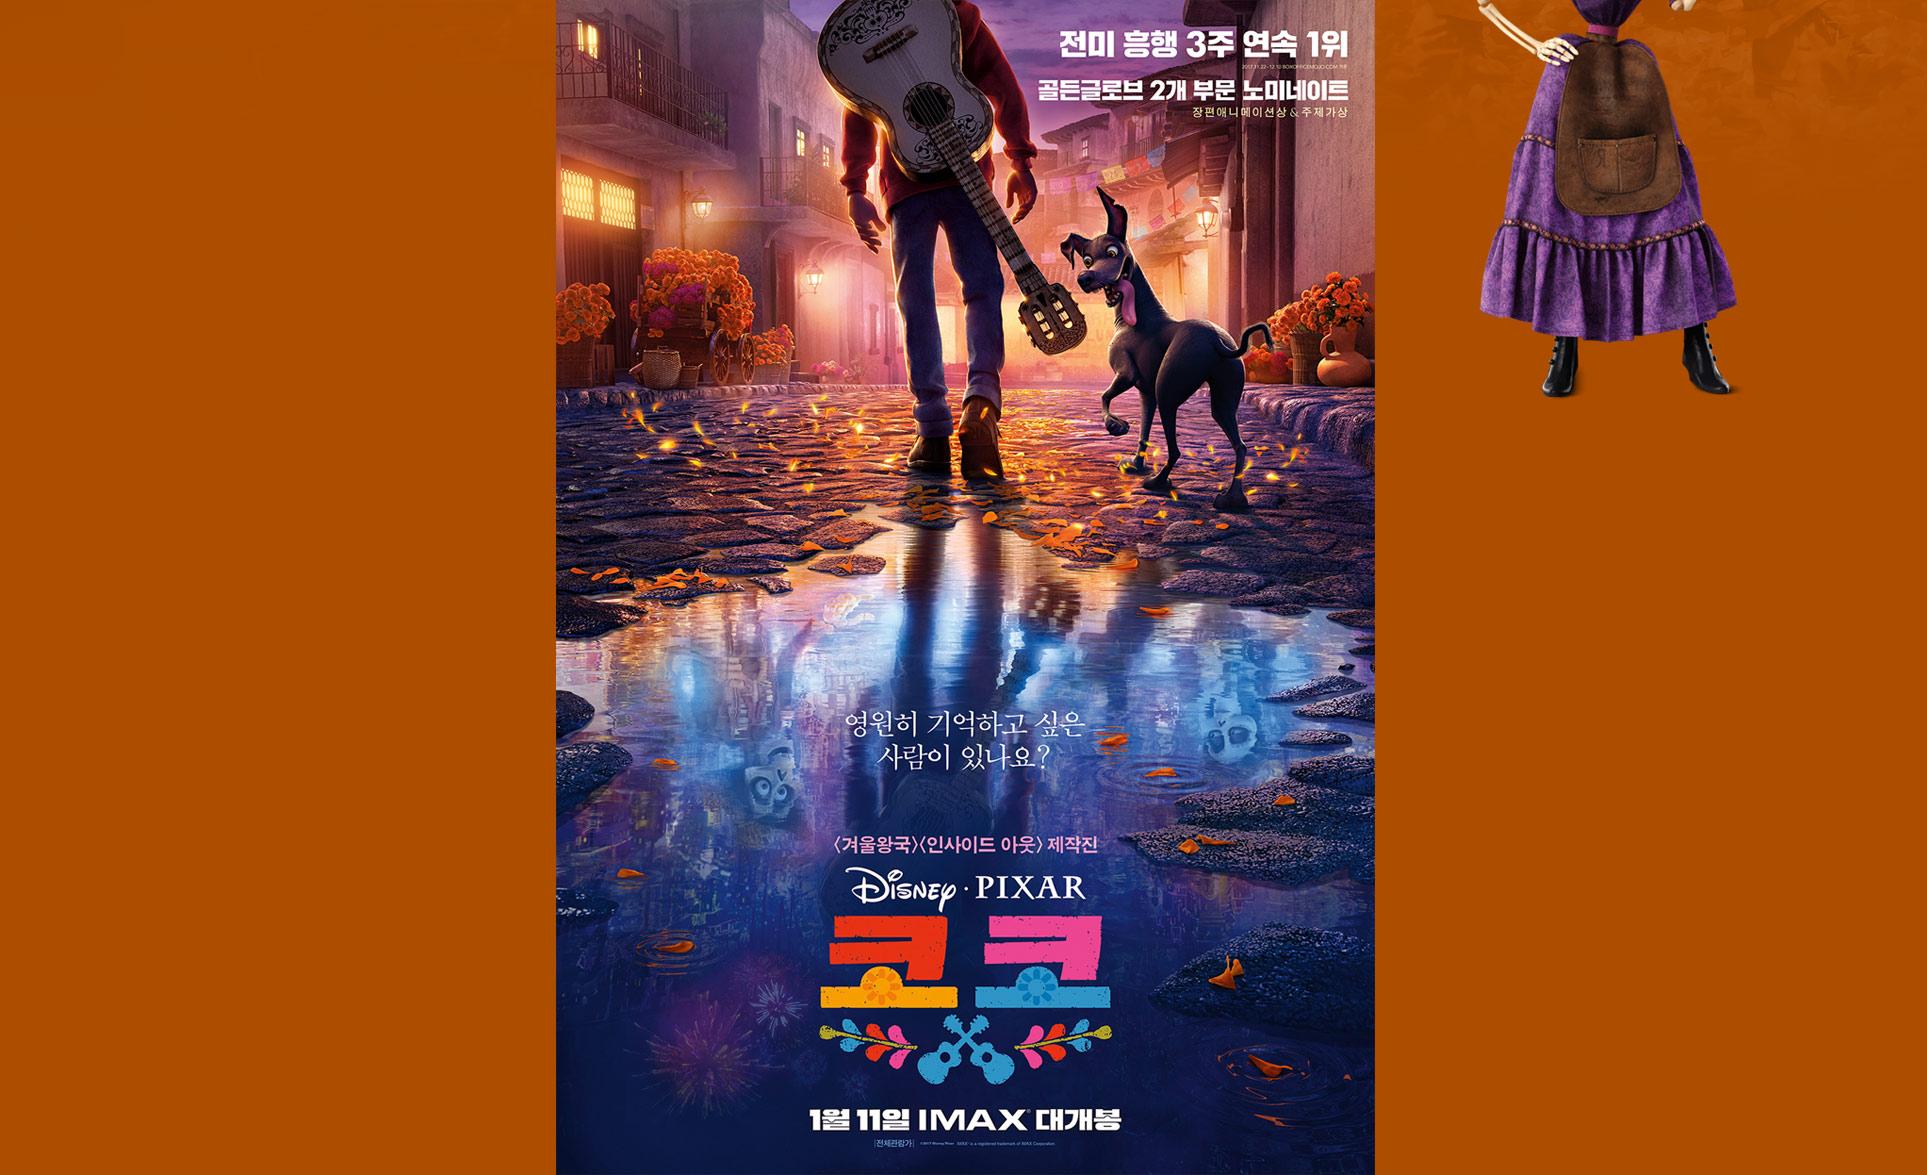 COCO 영화 포스터